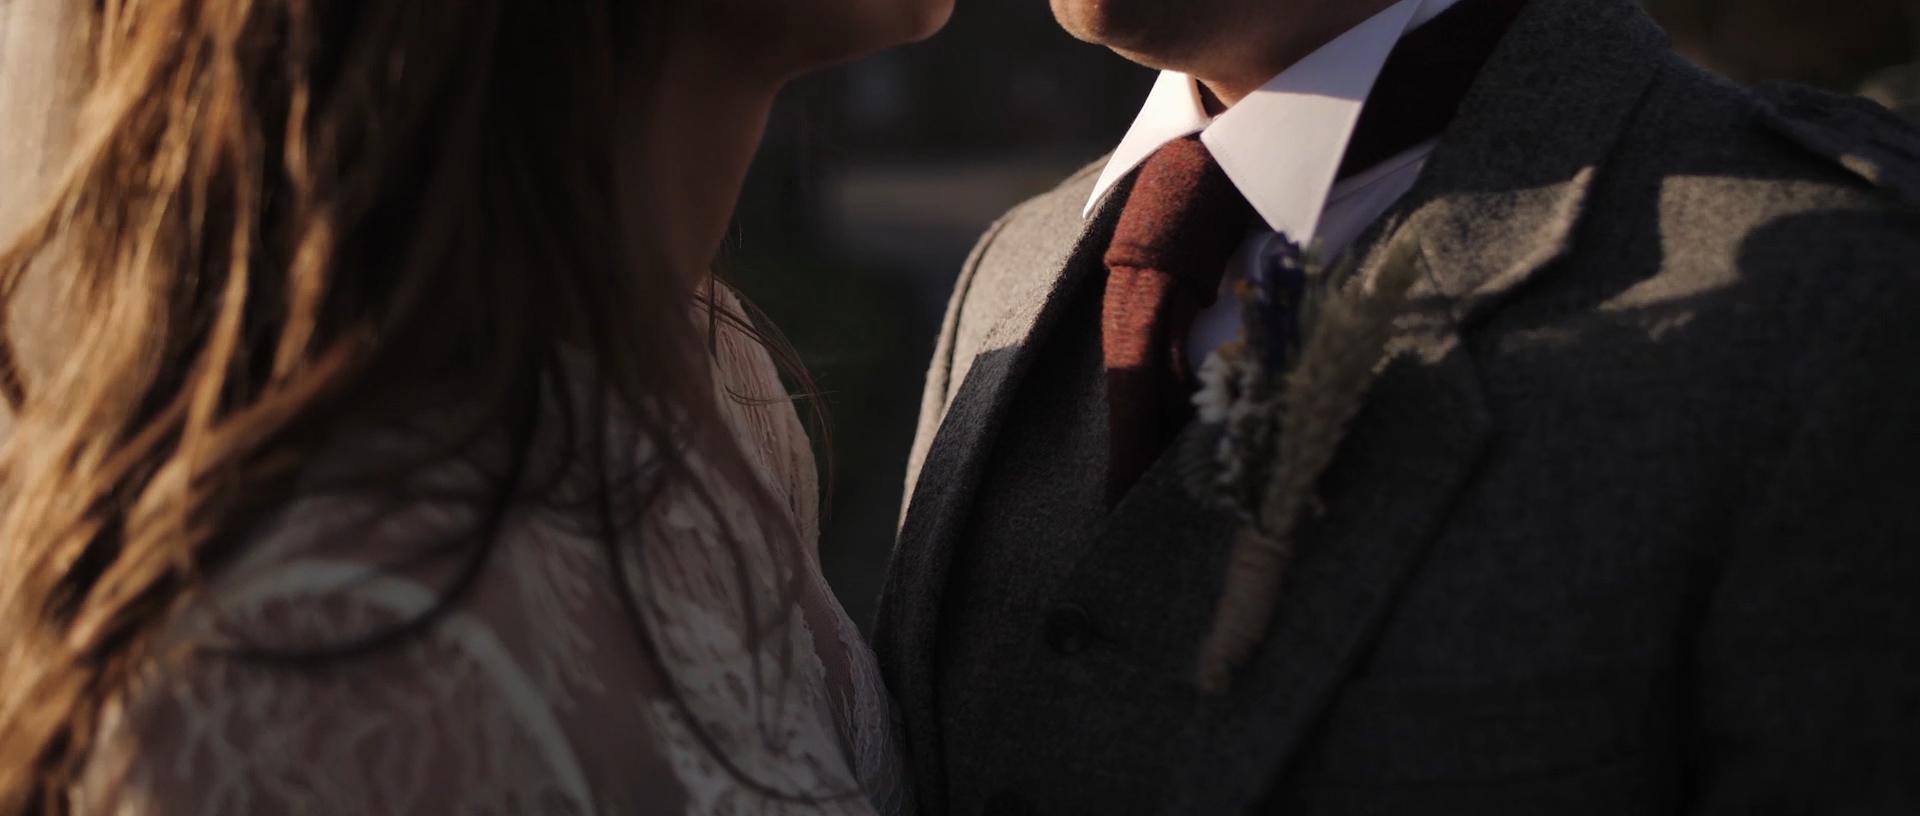 baad-wedding-videographer_LL_04.jpg